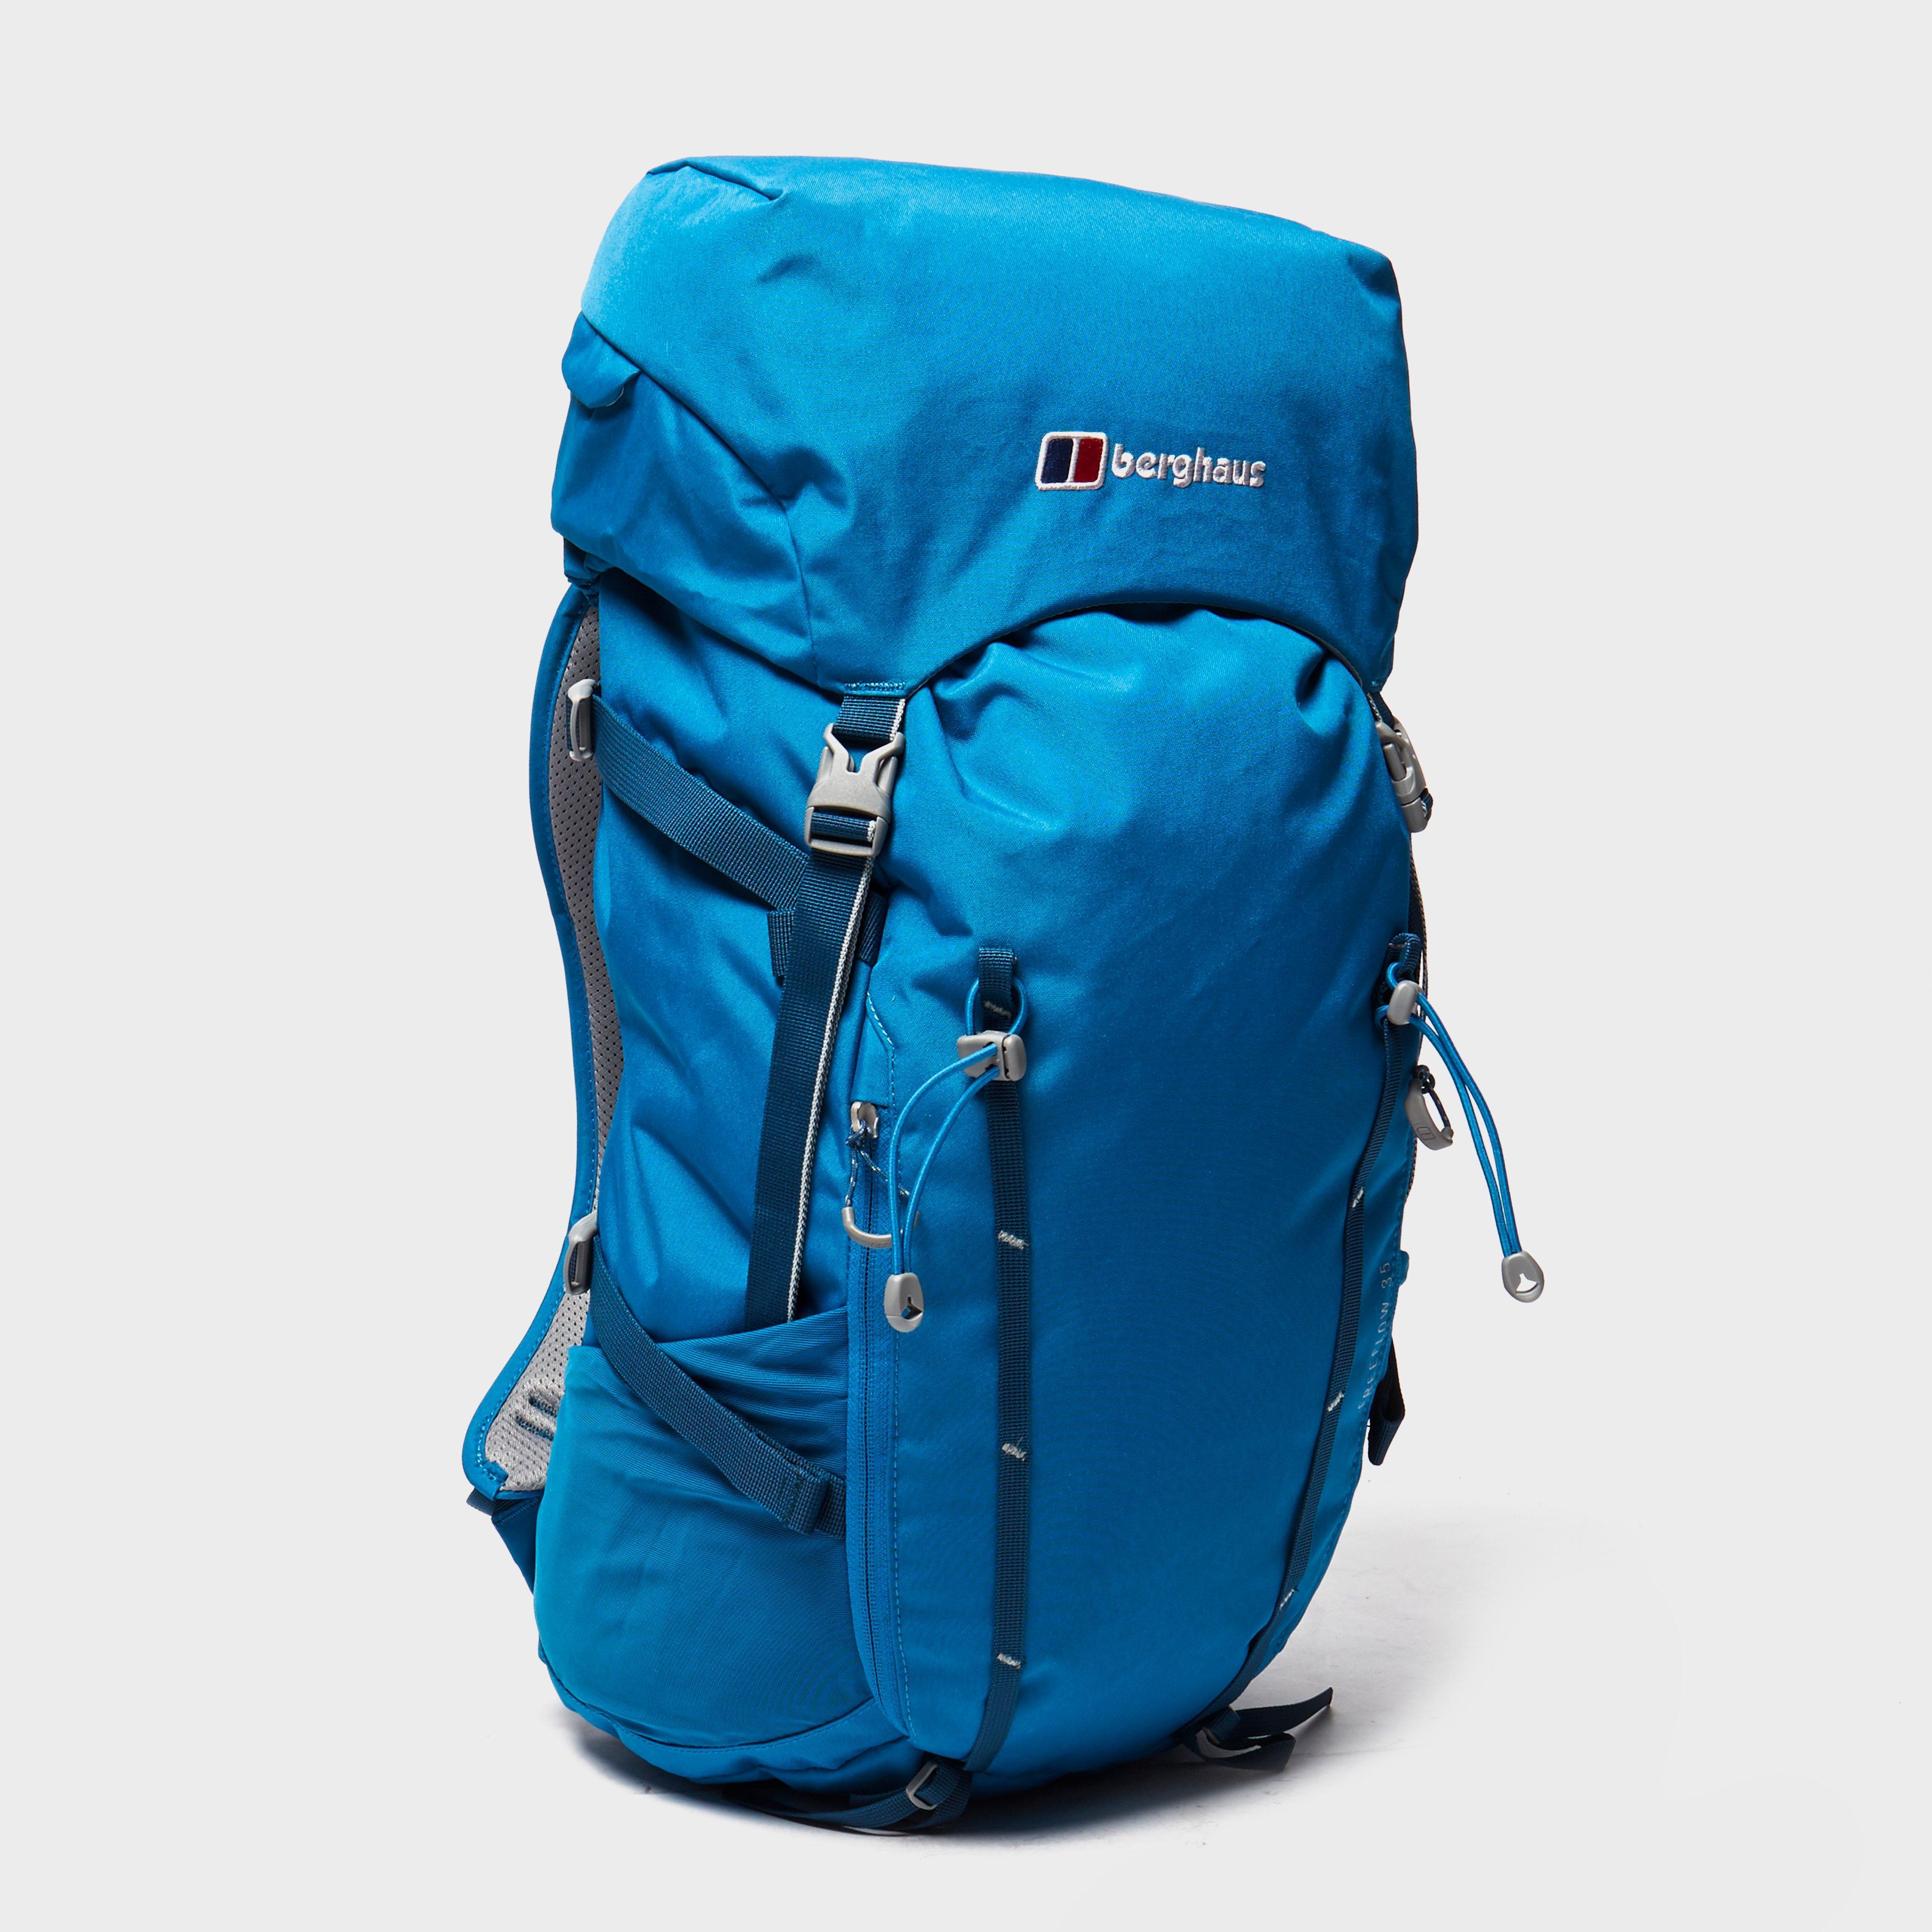 Berghaus Freeflow 35 Rucksack Blue